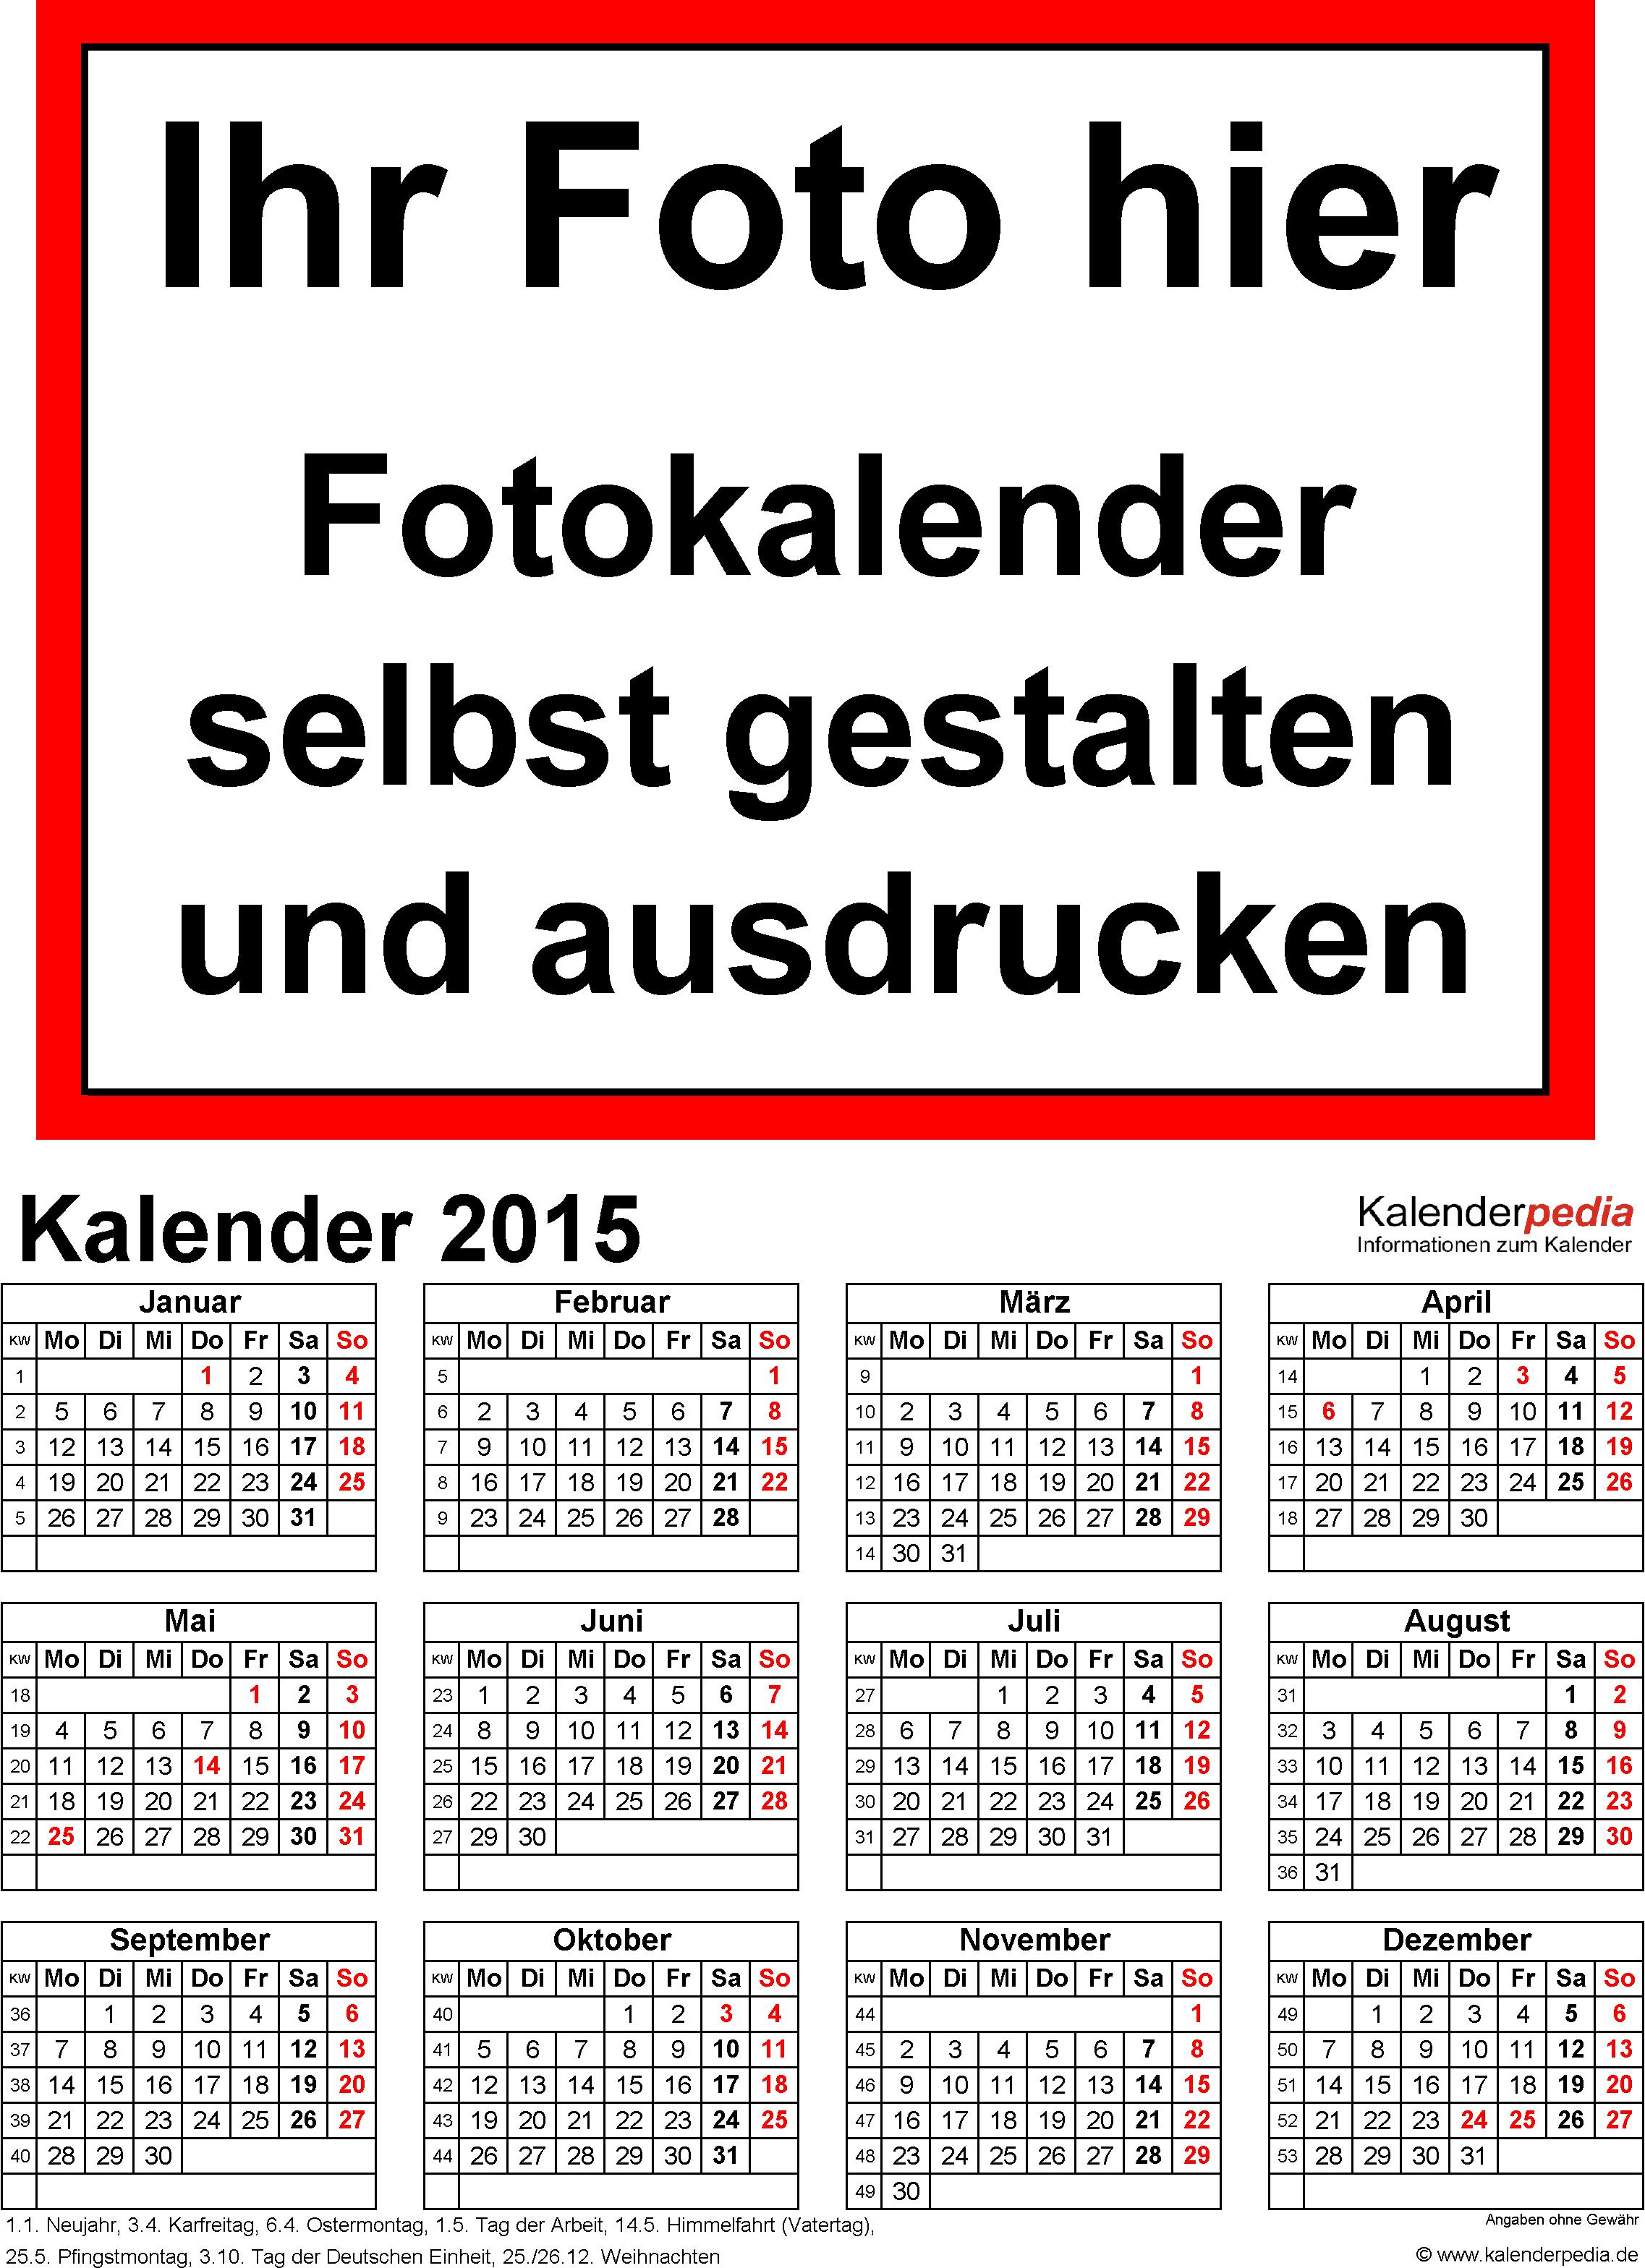 Vorlage 4: Word-Vorlagen für Fotokalender 2015 (ganzes Jahr auf einer Seite)